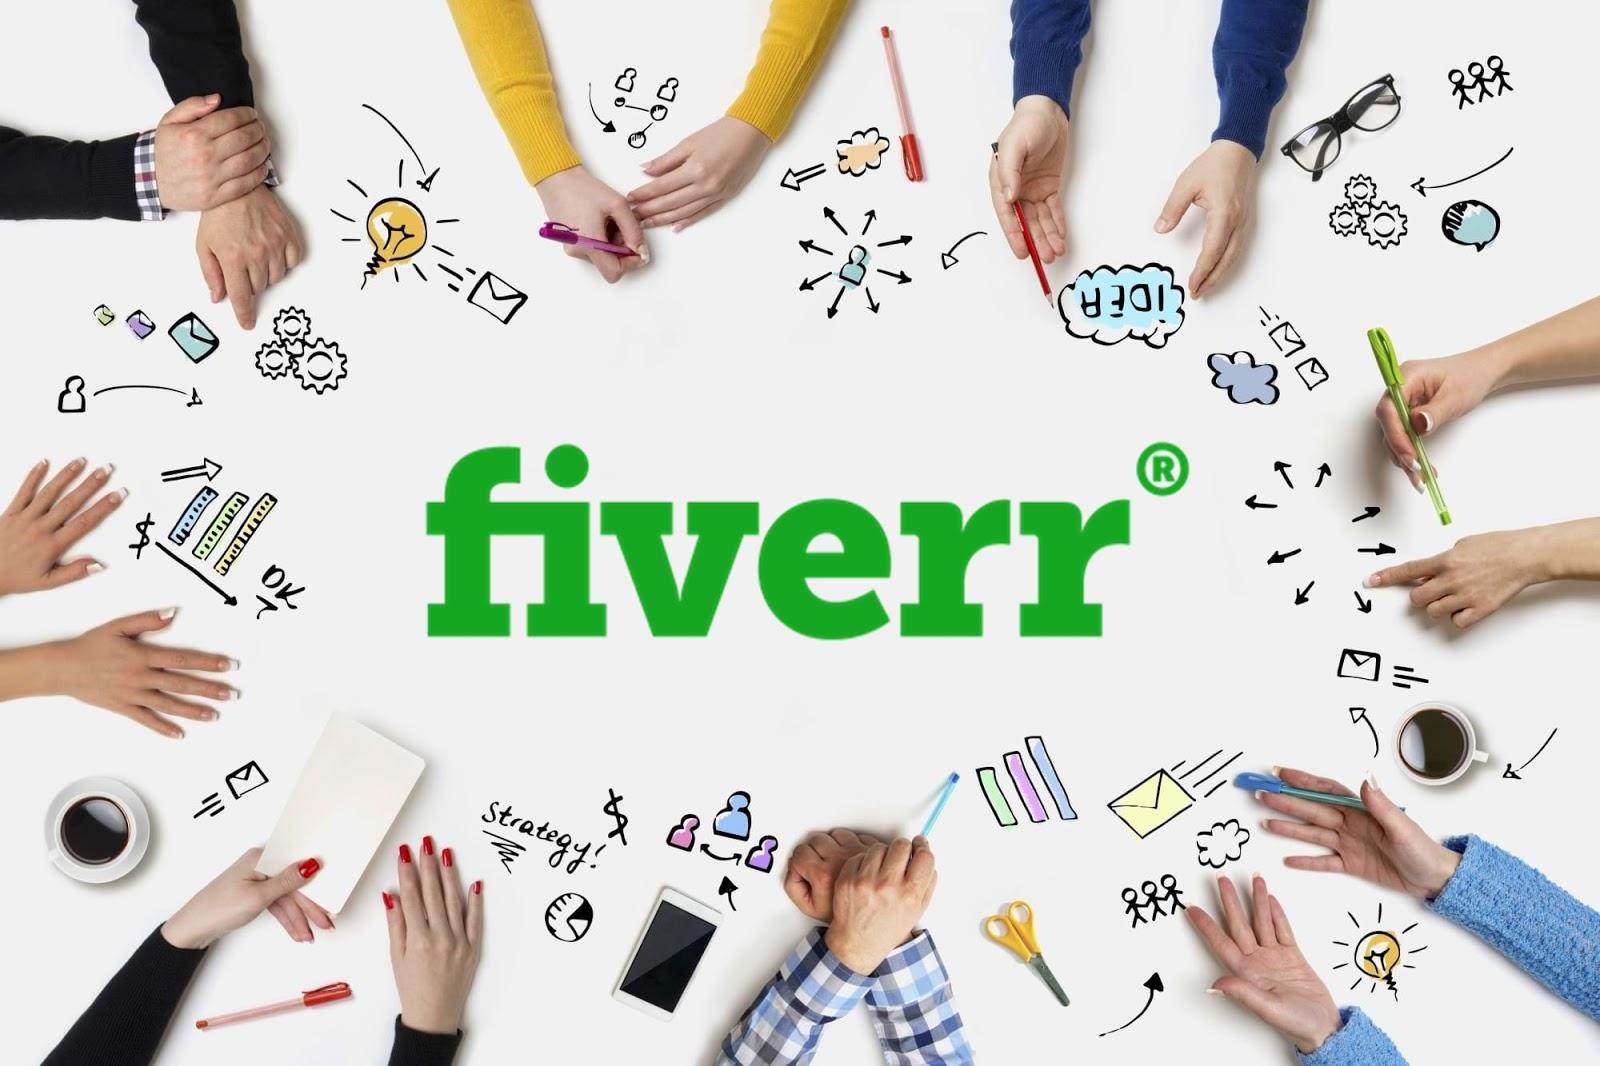 fiverr-gig